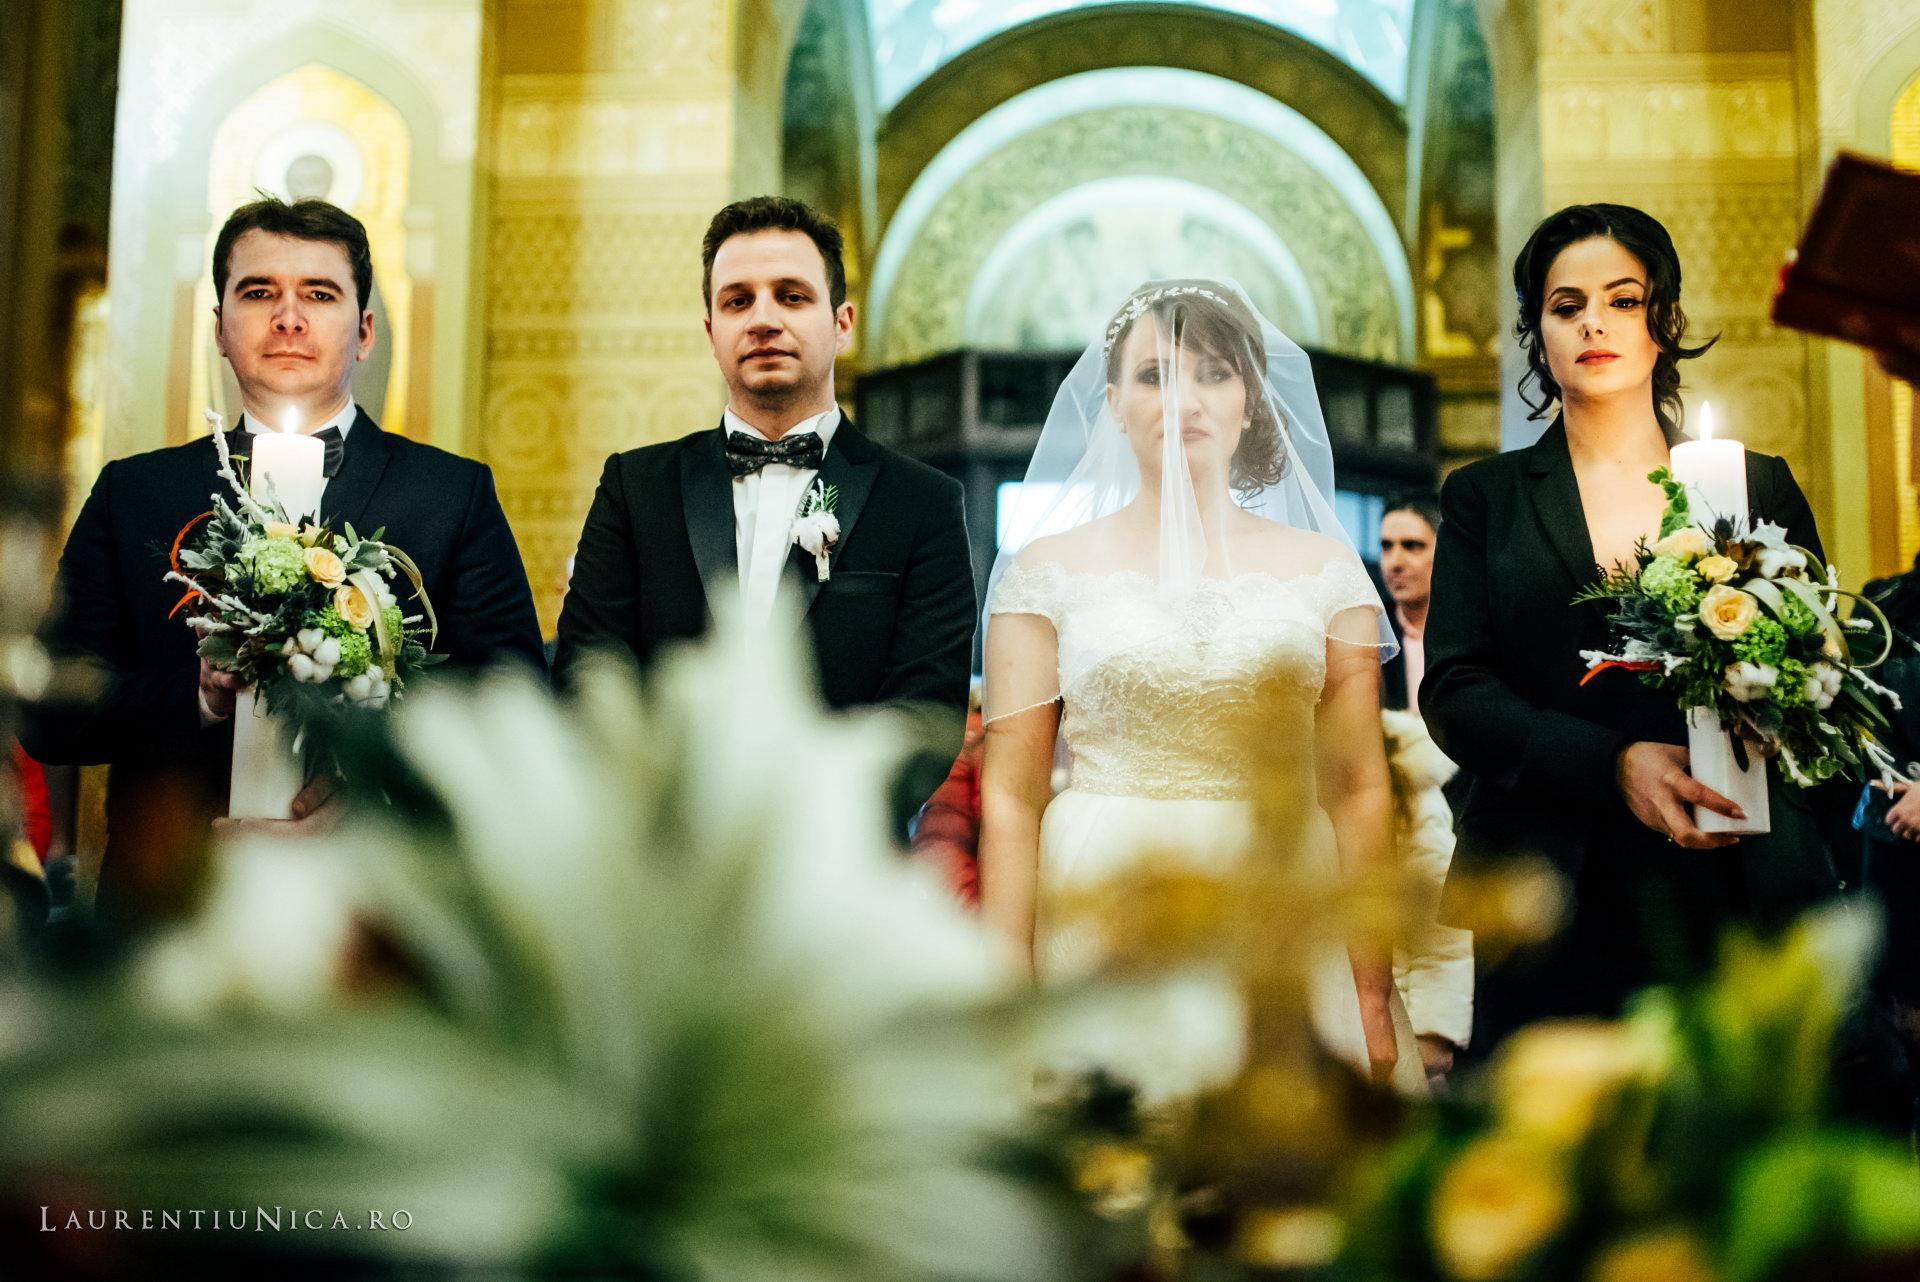 daniela si marius fotografii nunta craiova laurentiu nica22 - Daniela & Marius | Fotografii nunta